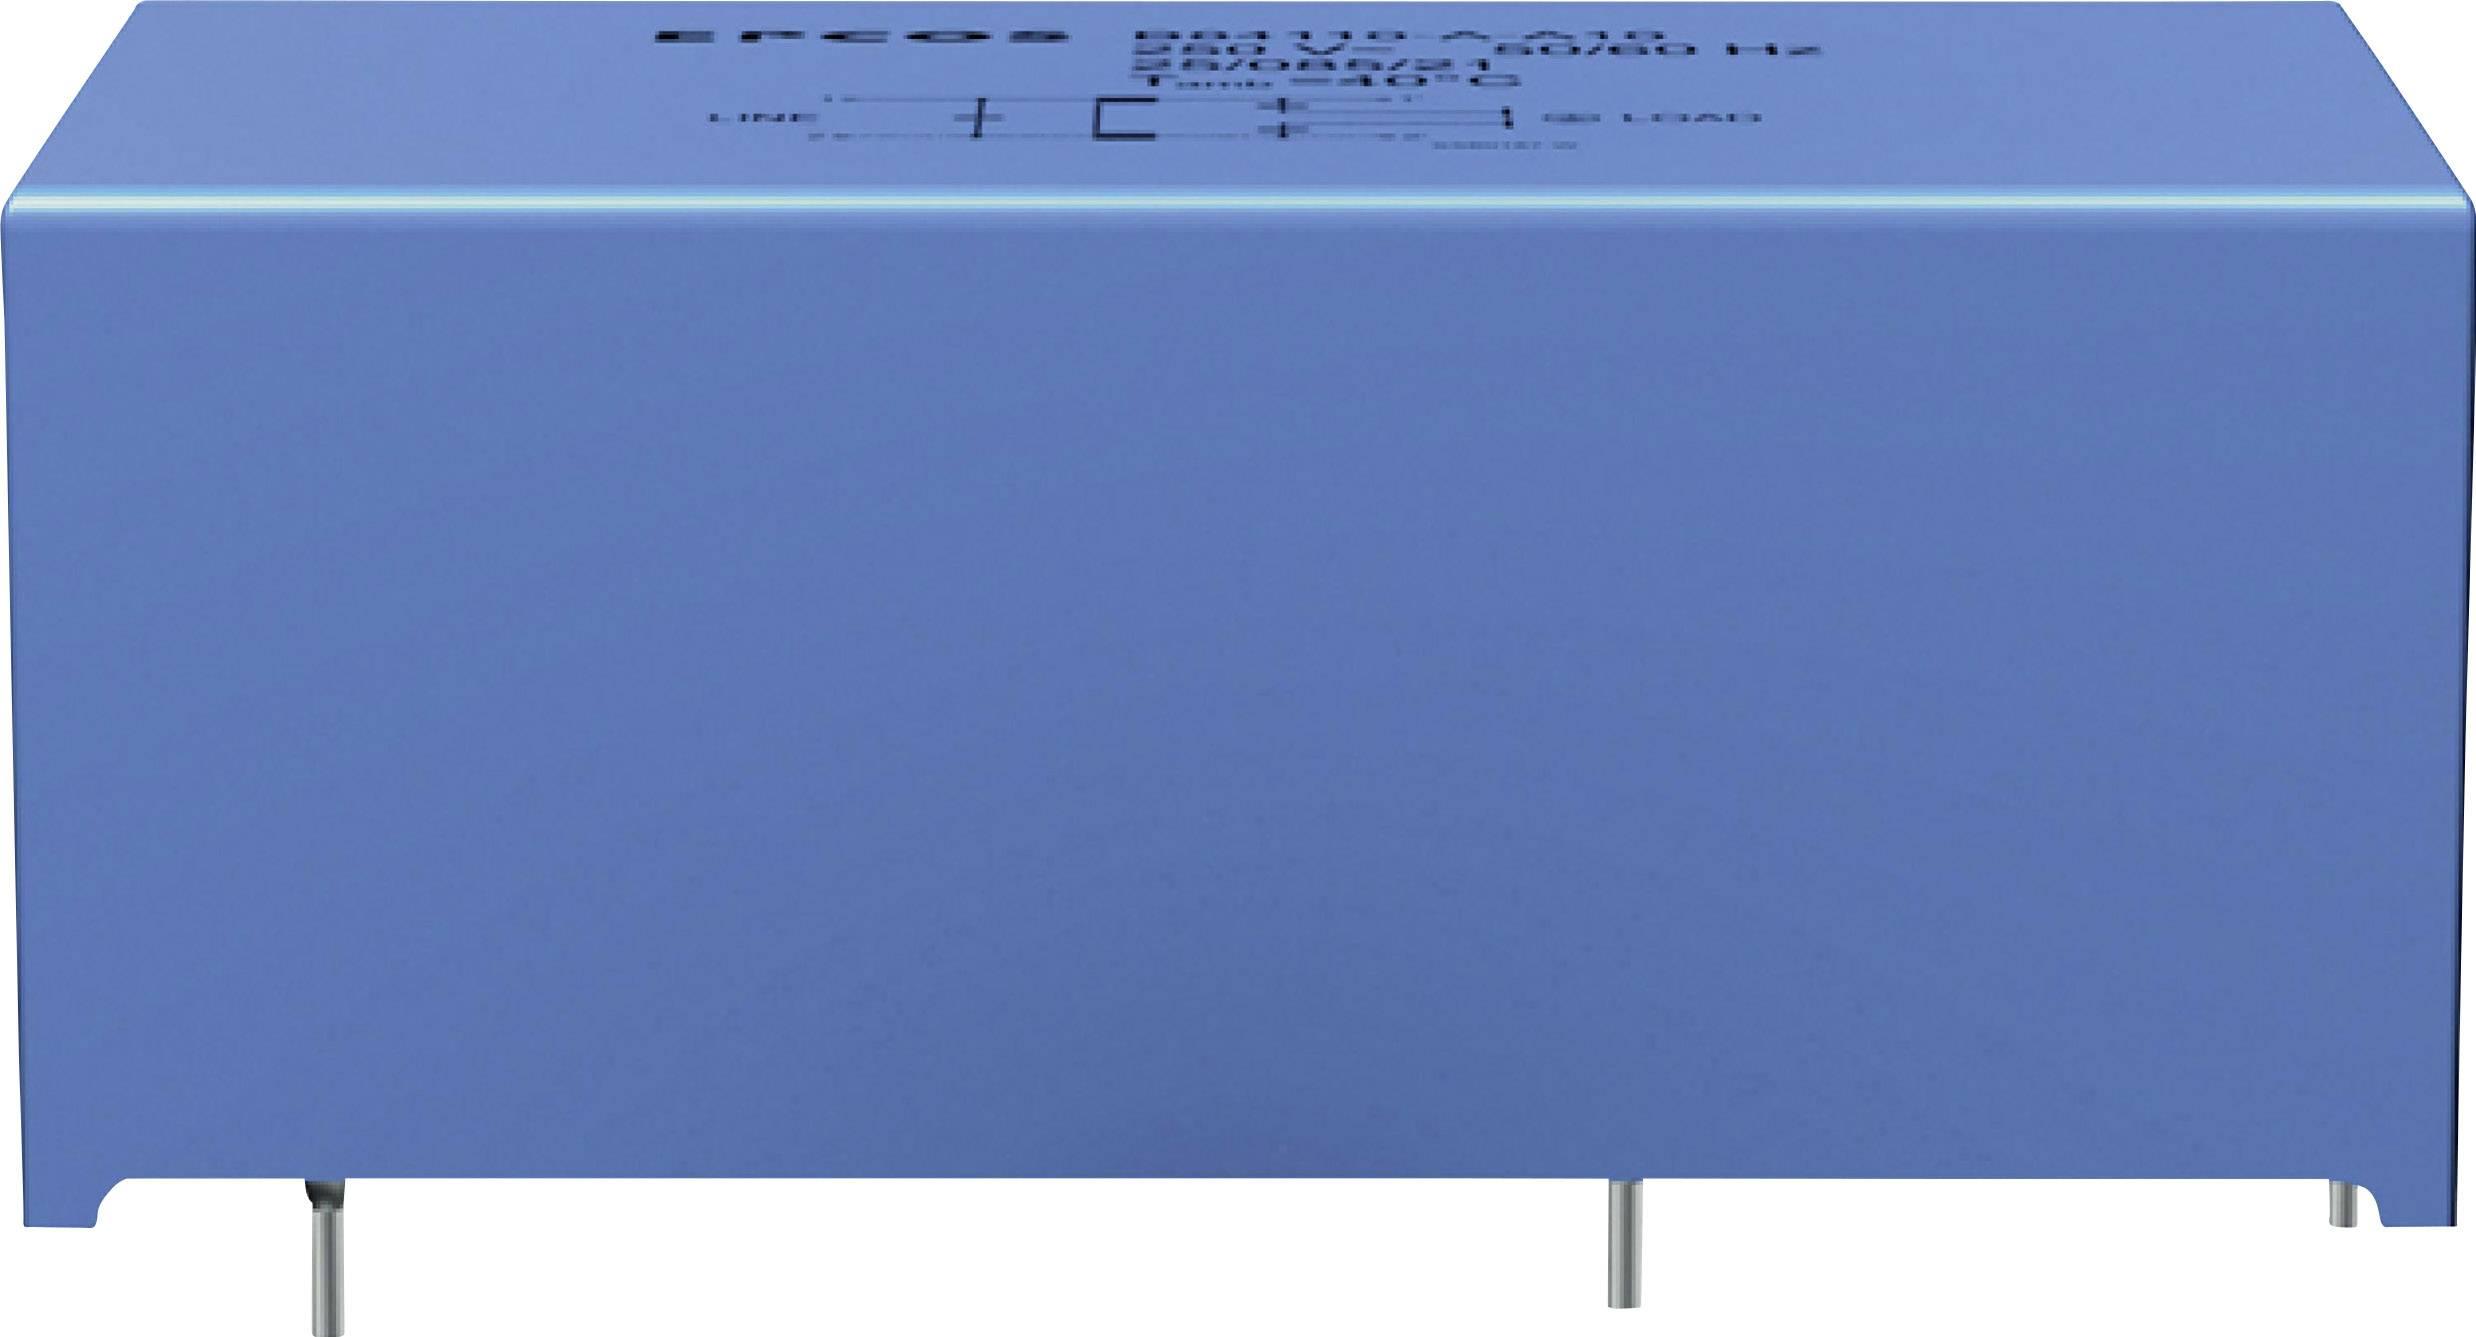 Odrušovací filter Epcos B84110A0000A010 B84110A0000A010, 250 V/AC, 1 A, 10 mH, (d x š x v) 56 x 30 x 23 mm, 1 ks